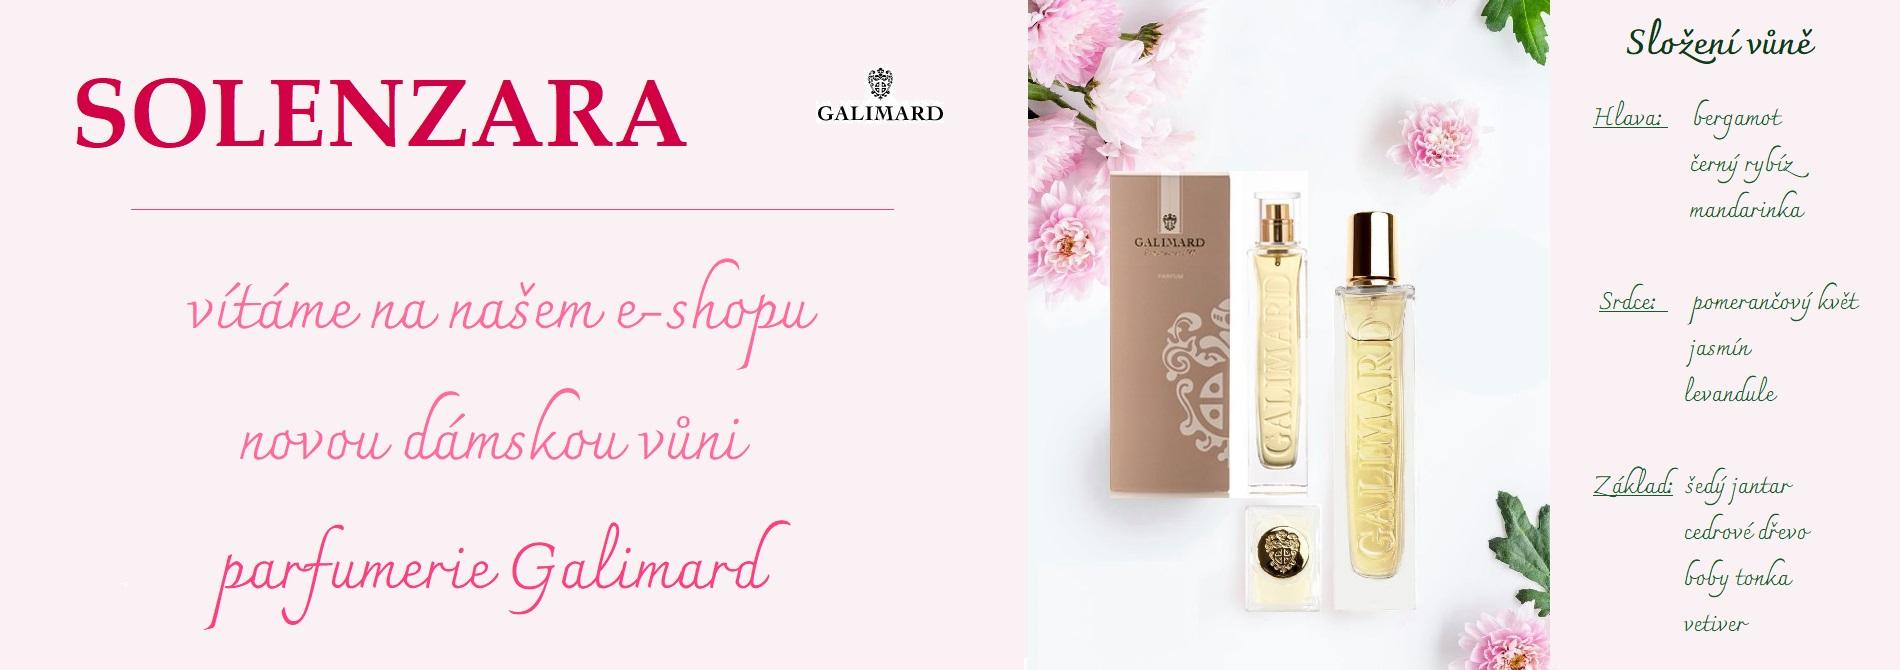 Solenzara nová dámská vůně parfumerie Galimard